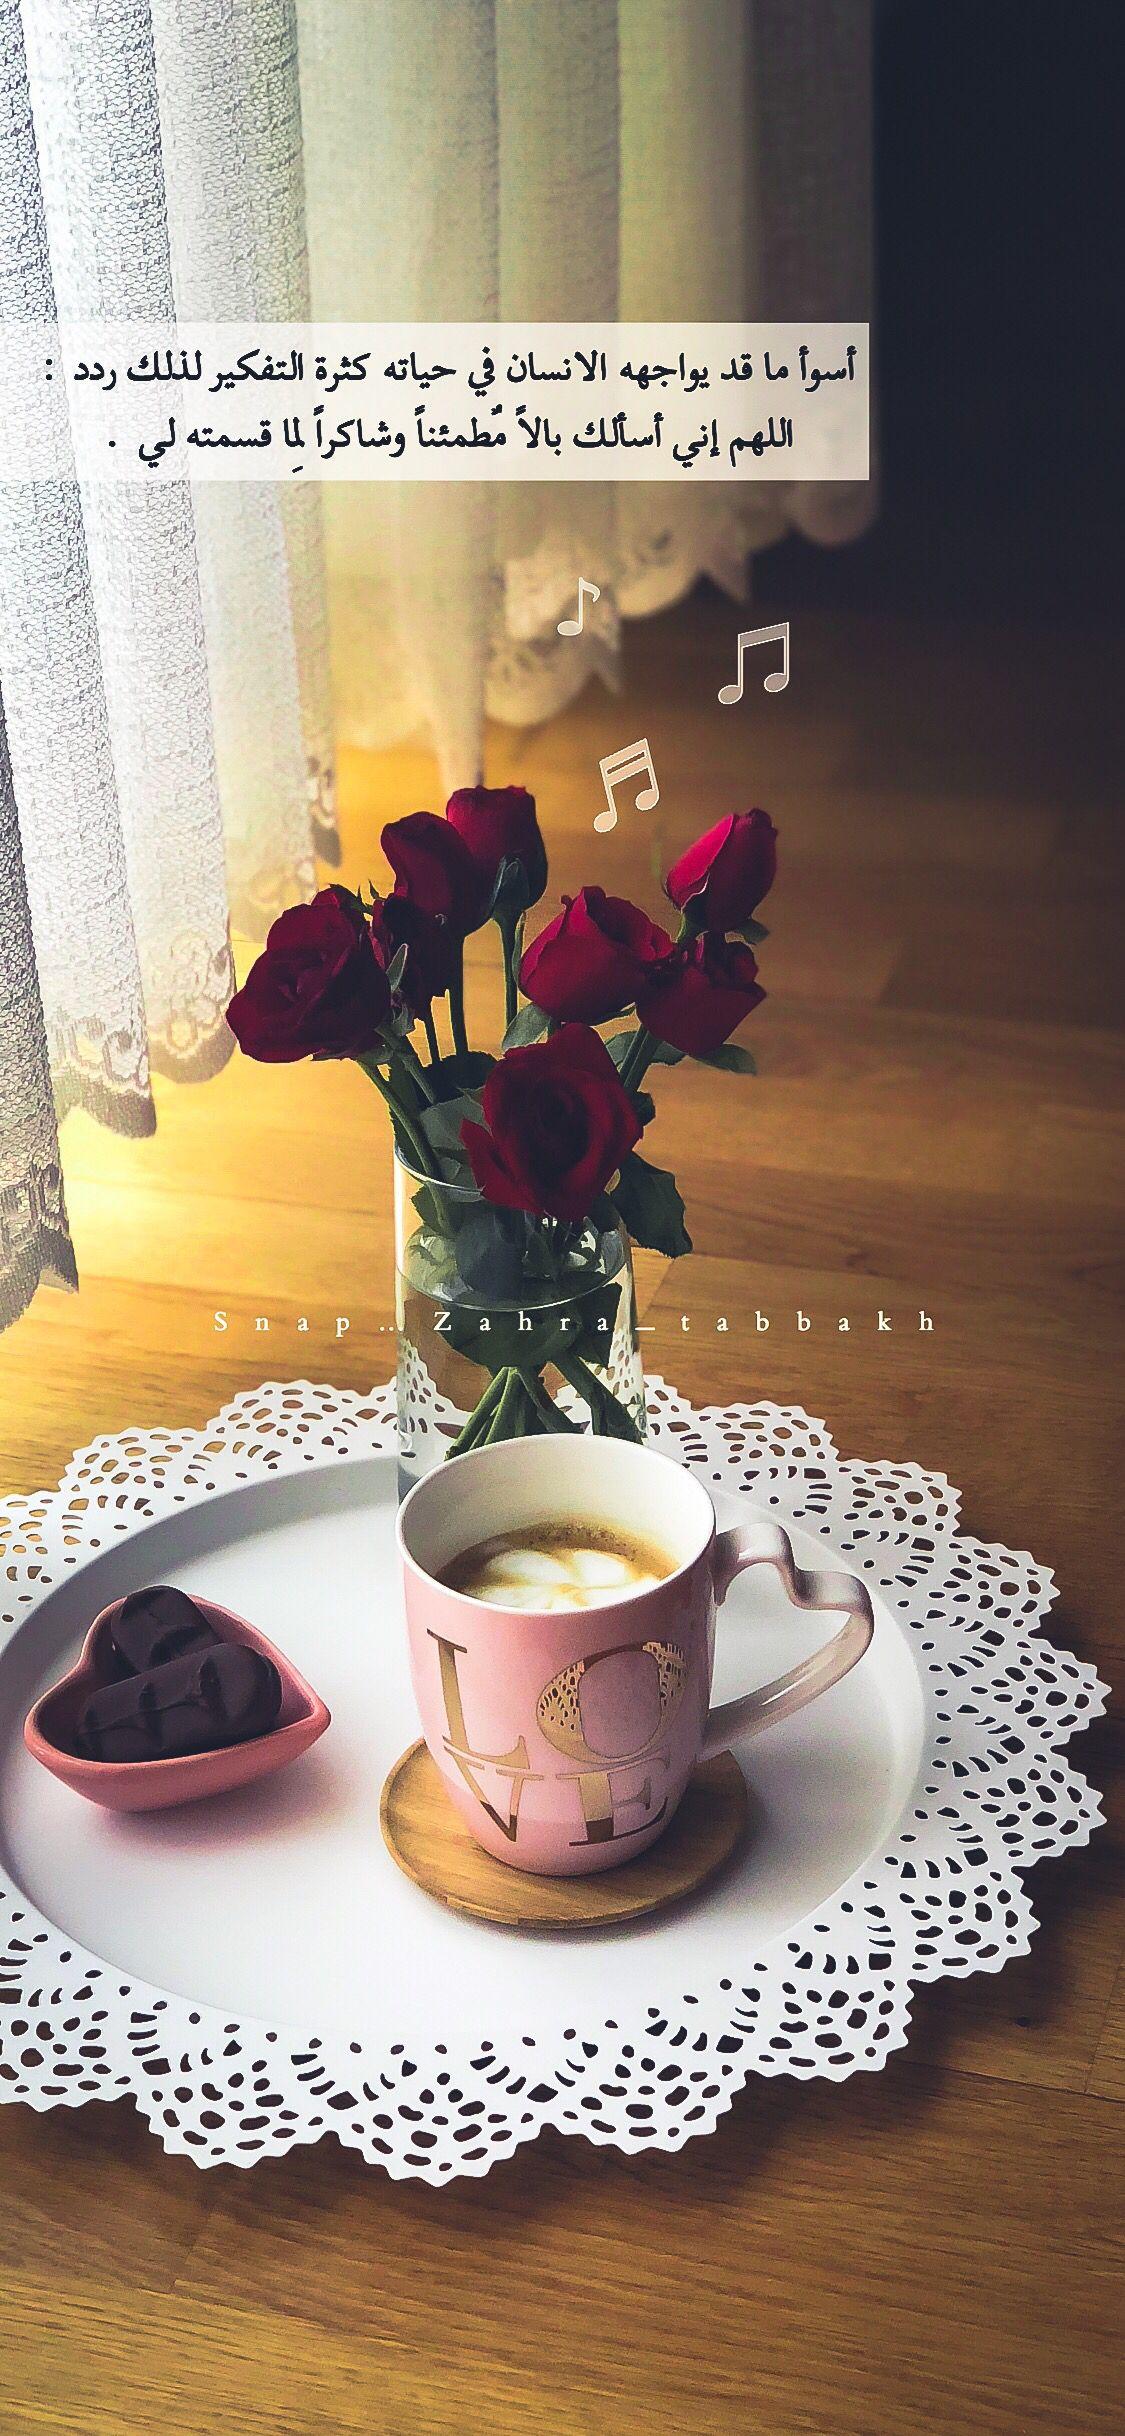 اللهم بالا مطمئنا و شاكرا لما قسمته Good Morning Wishes Tea Cups Turkish Coffee